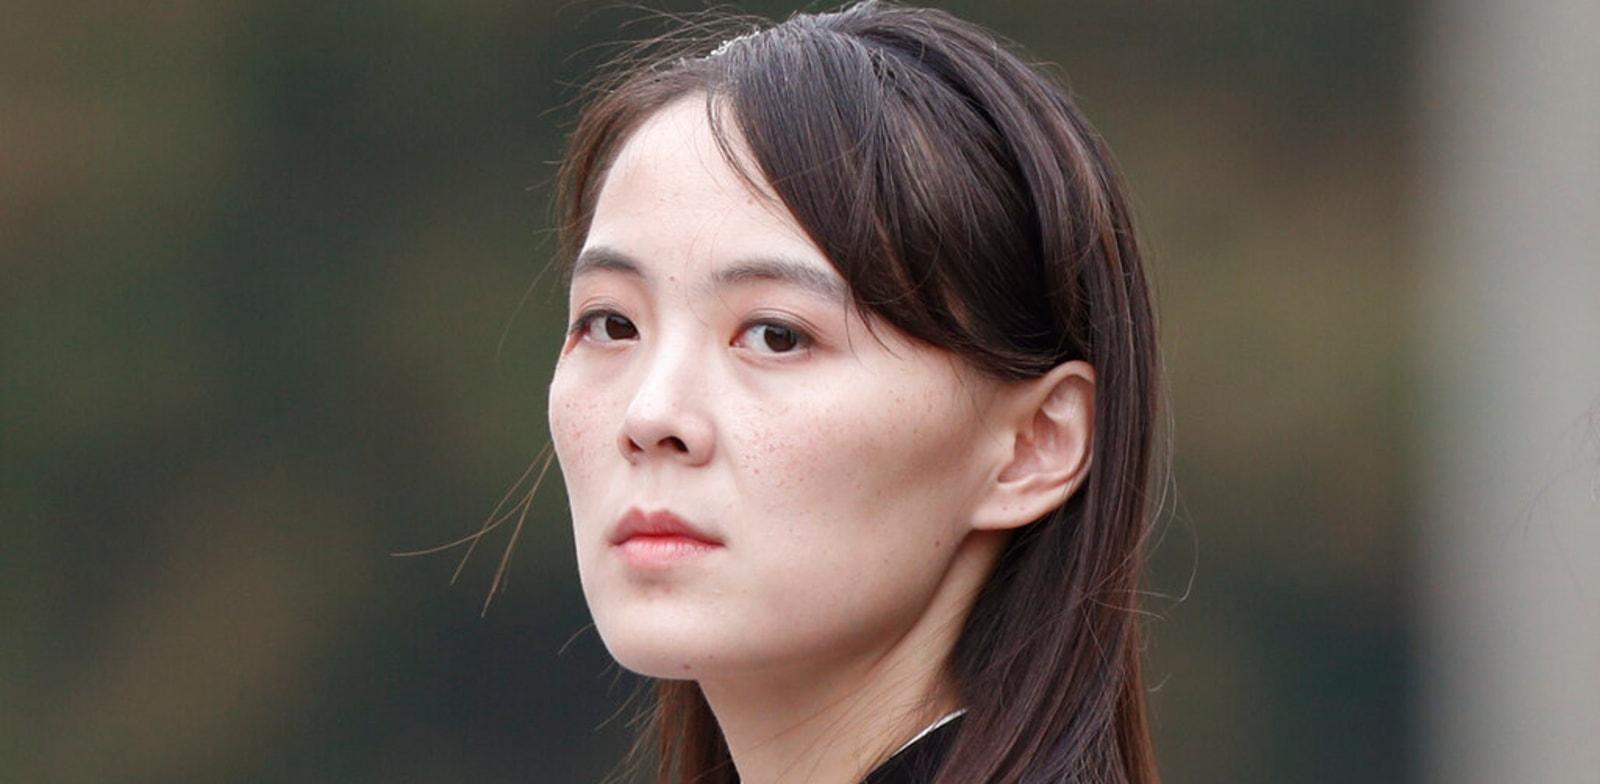 """קים יו ג'ונג, אחותו של שליט צפון קוריאה קים ג'ונג און. מסר לארה""""ב / צילום: Associated Press, Jorge Silva/Pool"""